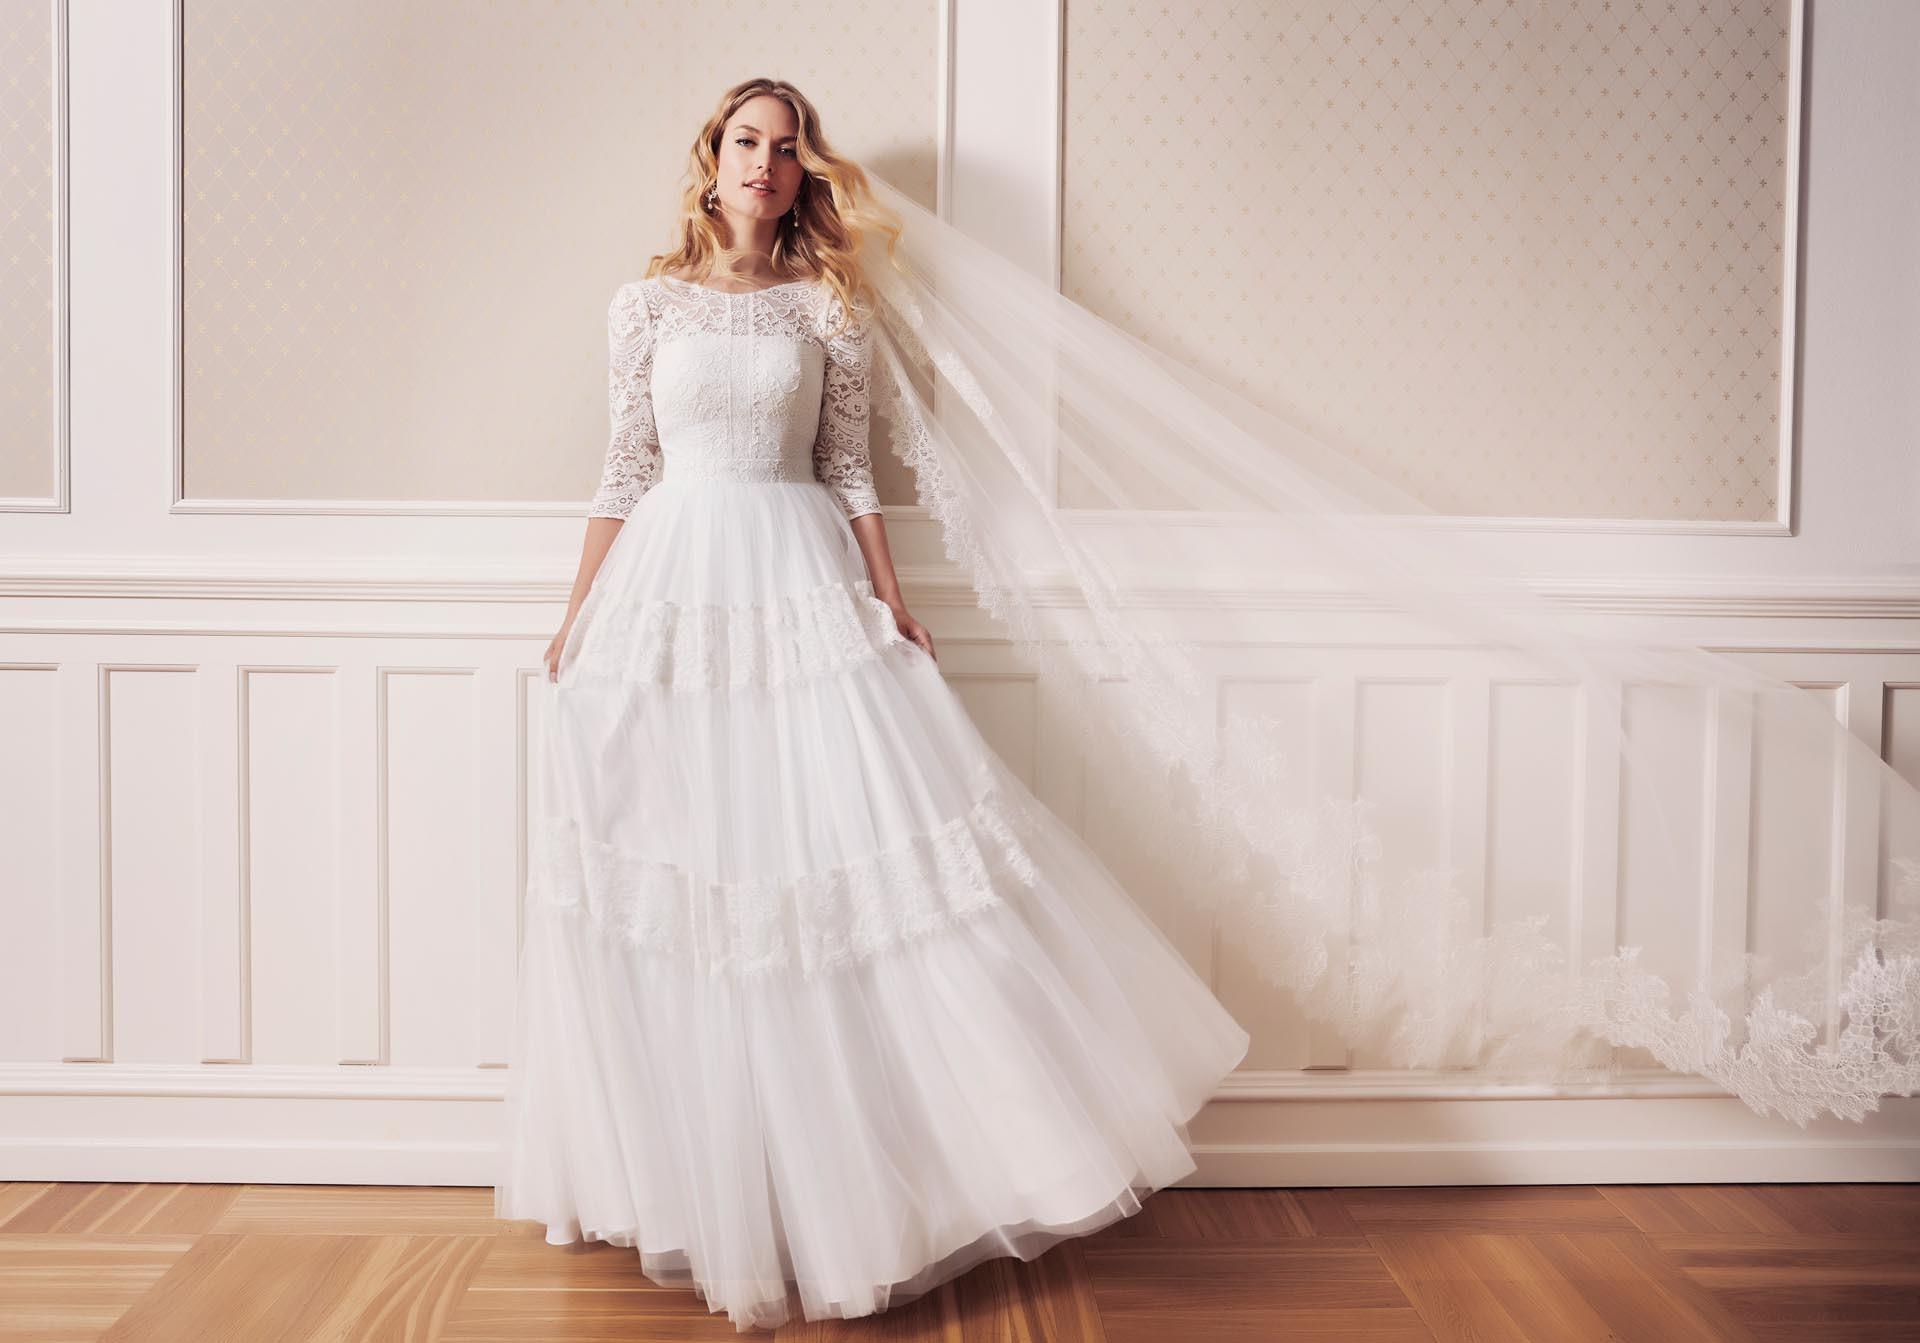 Weißes Brautkleid im Vintage-Stil mit Spitze, Prinzessschitt, Dreiviertelärmeln und Rundhalsausschnitt von Lilly